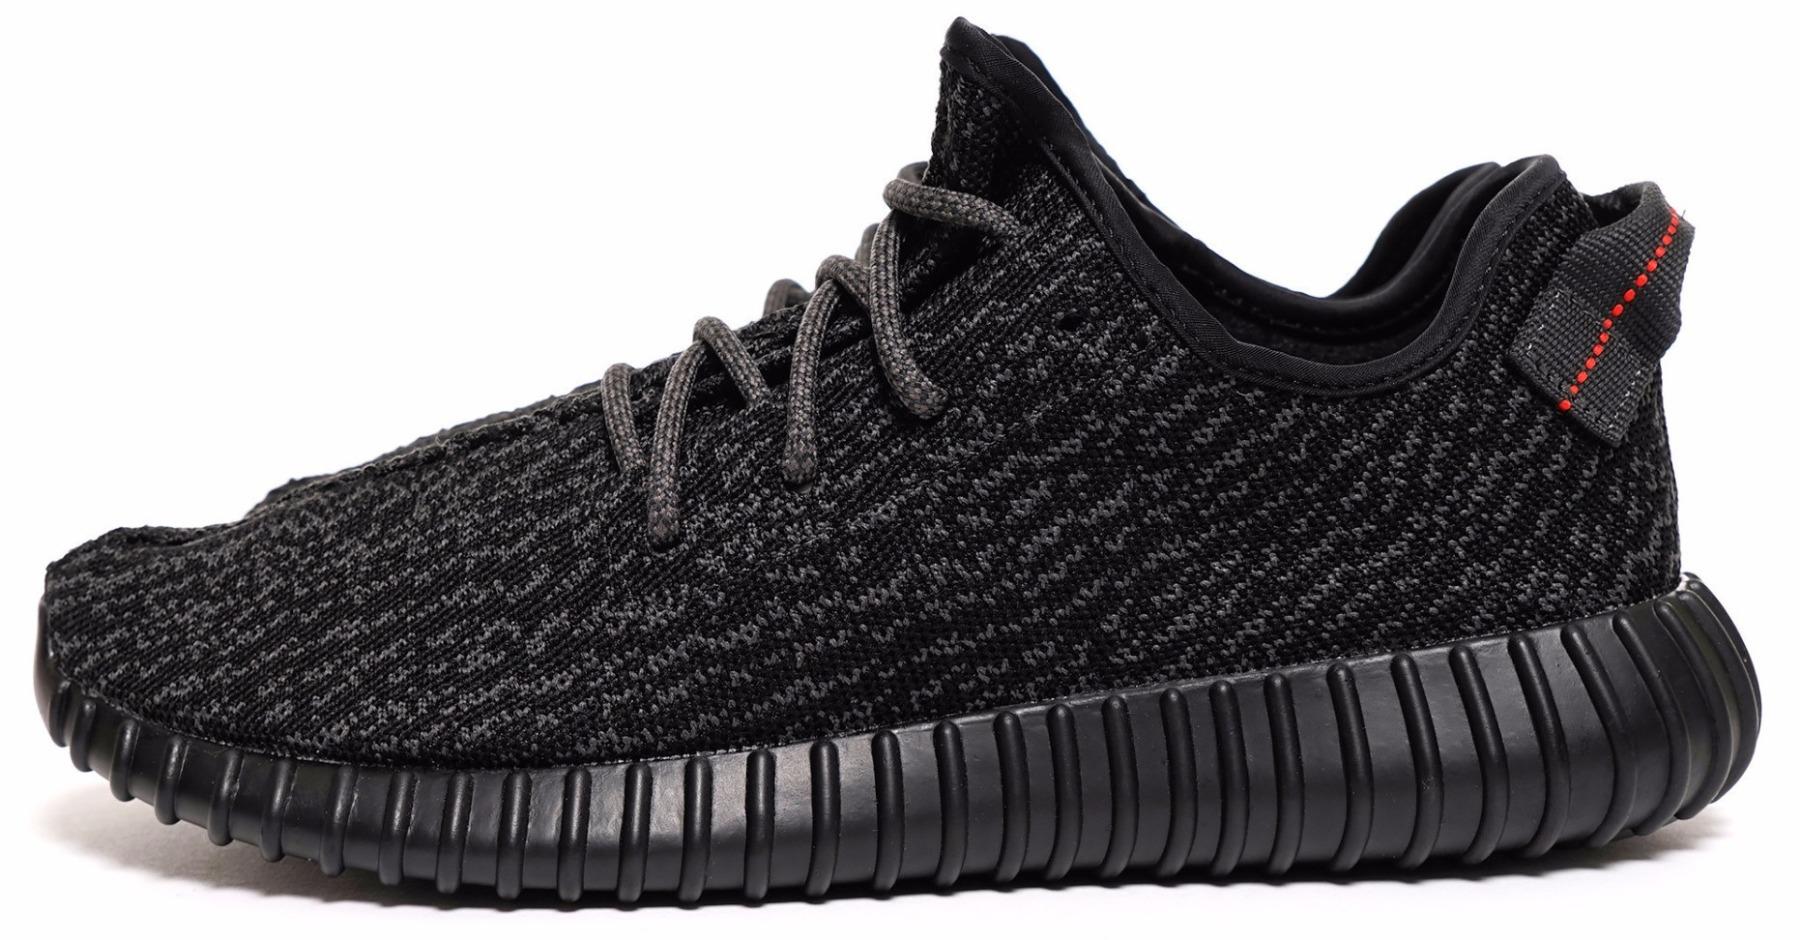 Кроссовки Adidas Yeezy Boost 350 Black B670 купить по